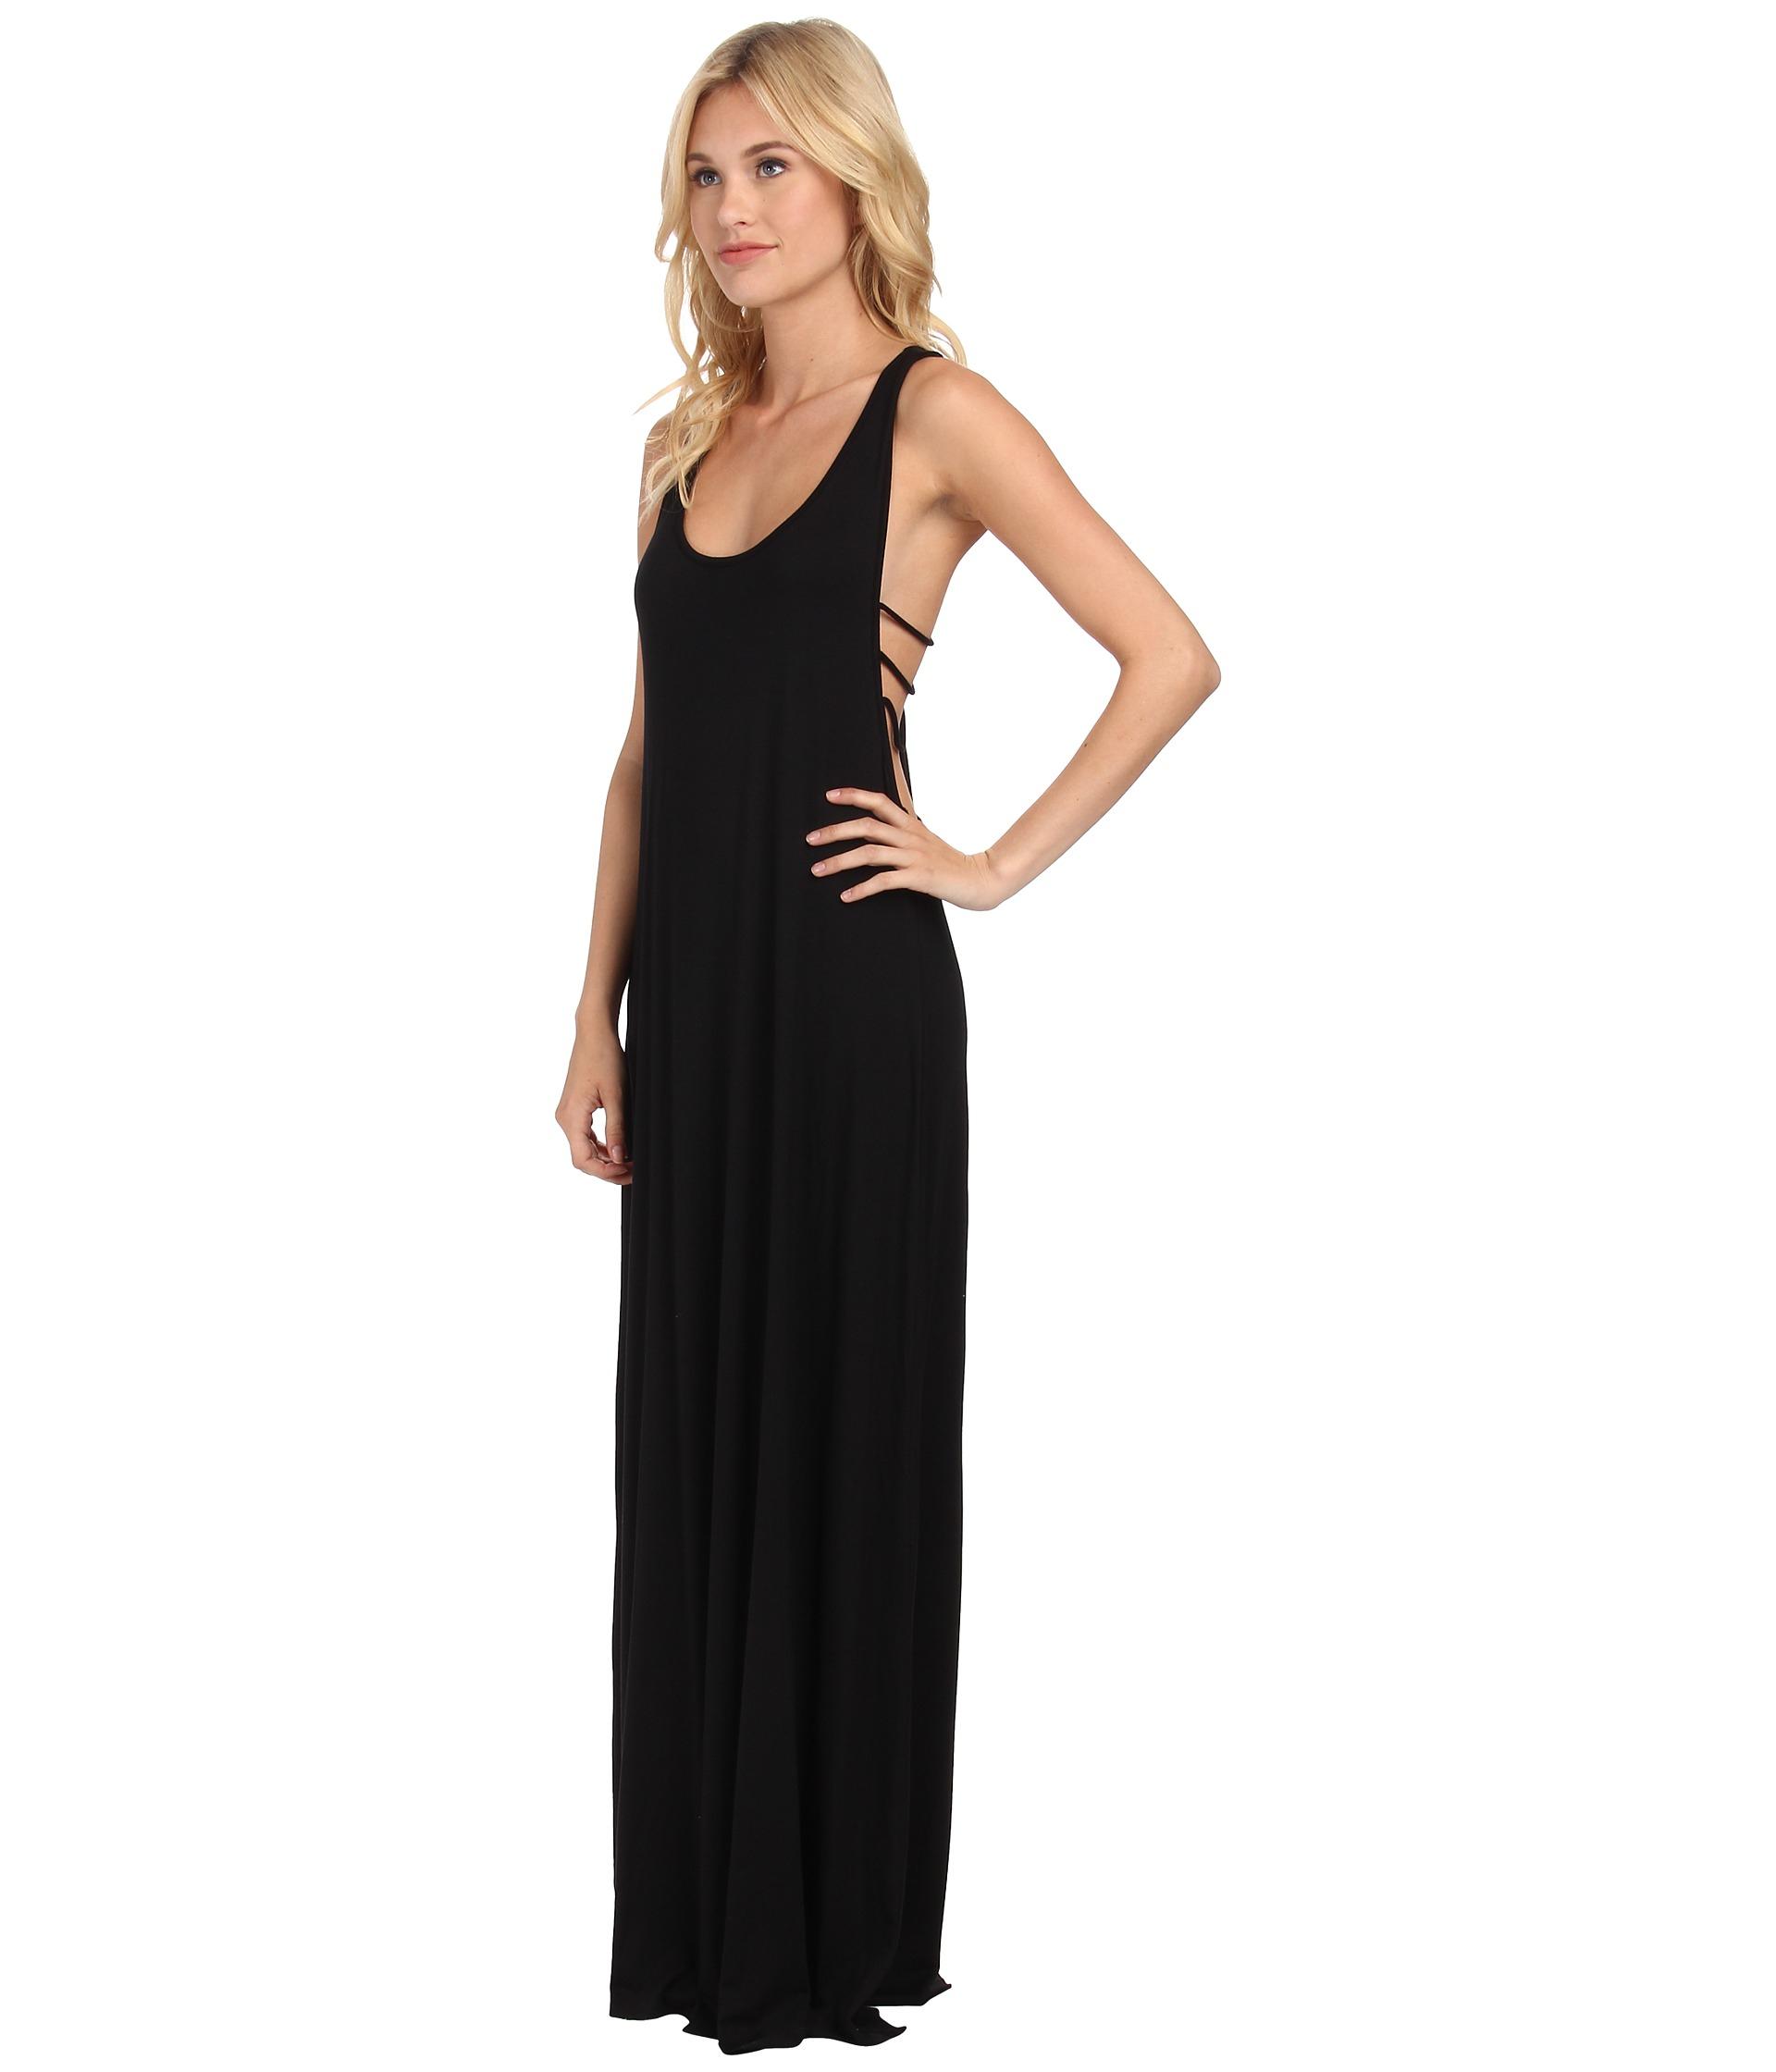 Rachel pally black maxi dress